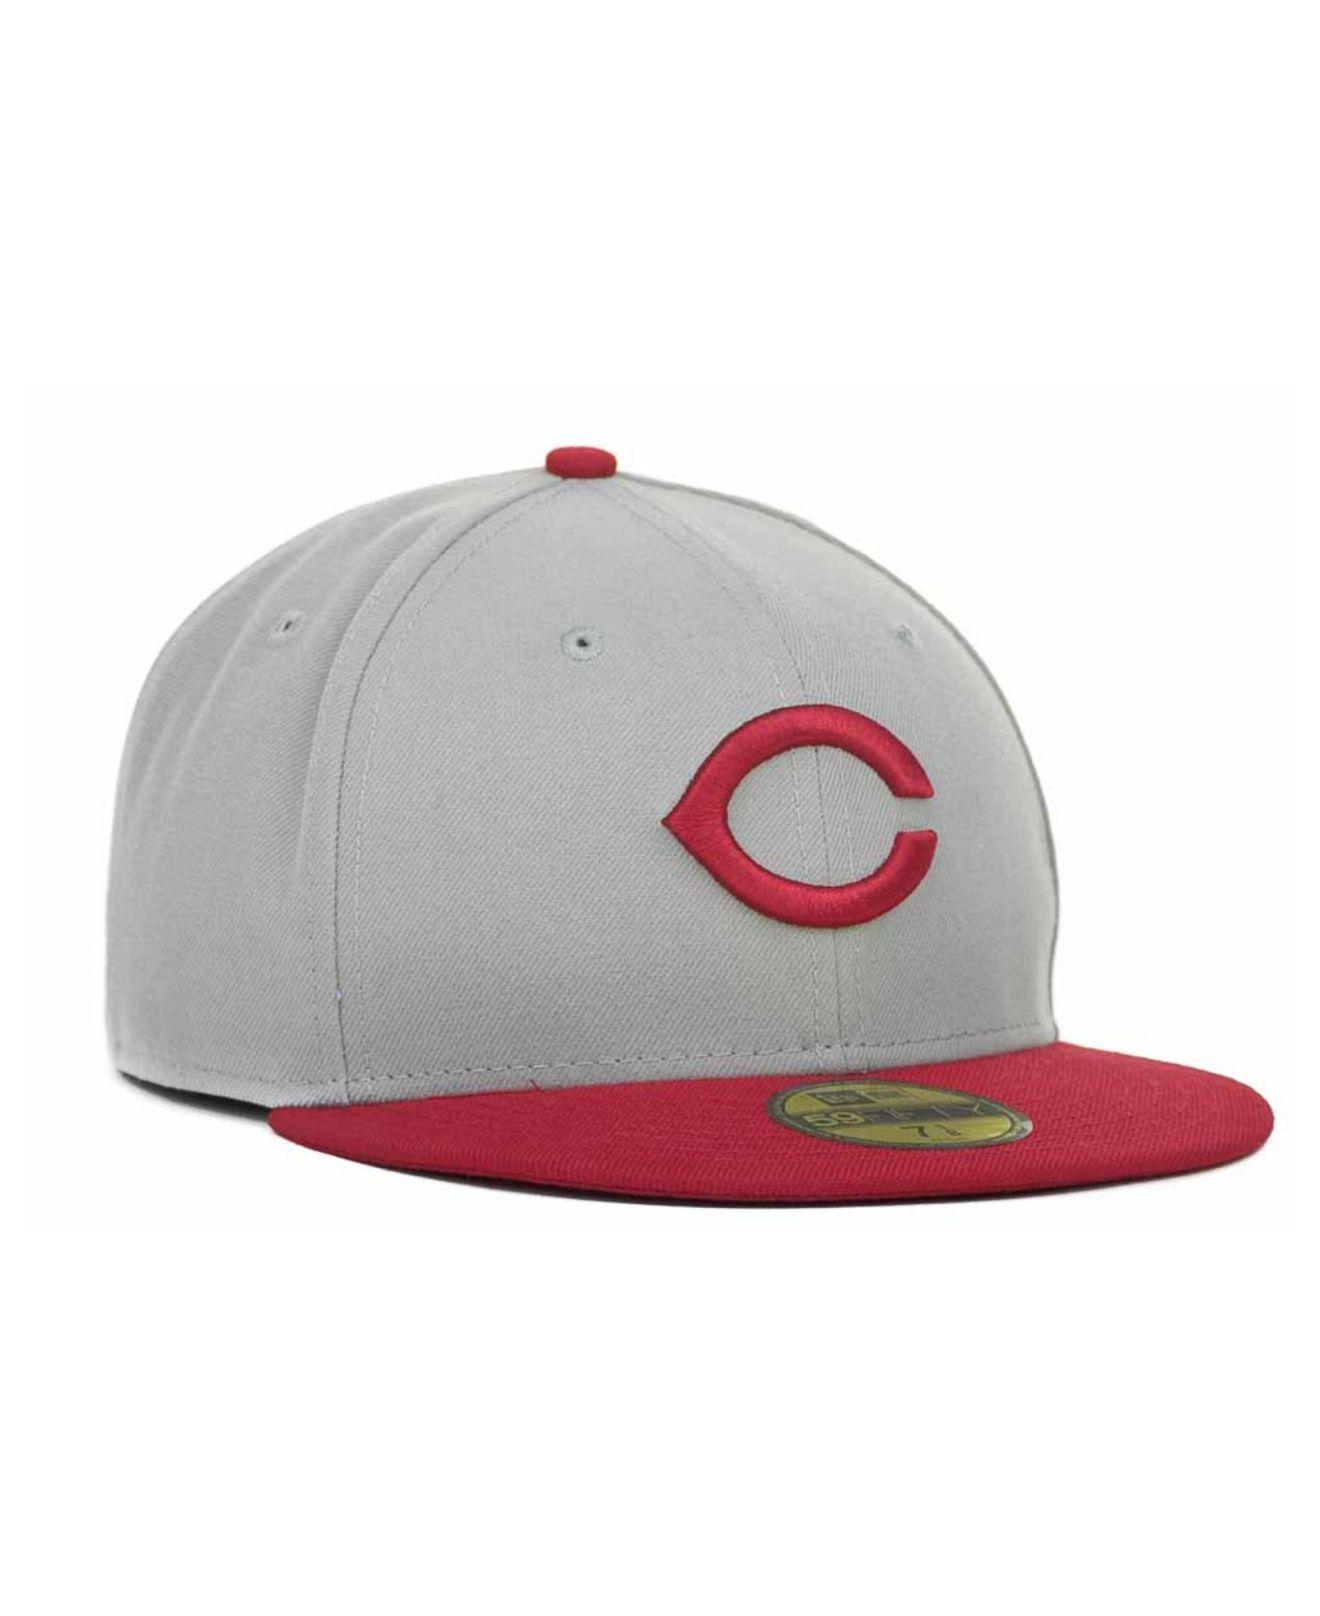 c8d14ce7272 Lyst - KTZ Cincinnati Reds Cooperstown 59fifty Cap in Gray for Men